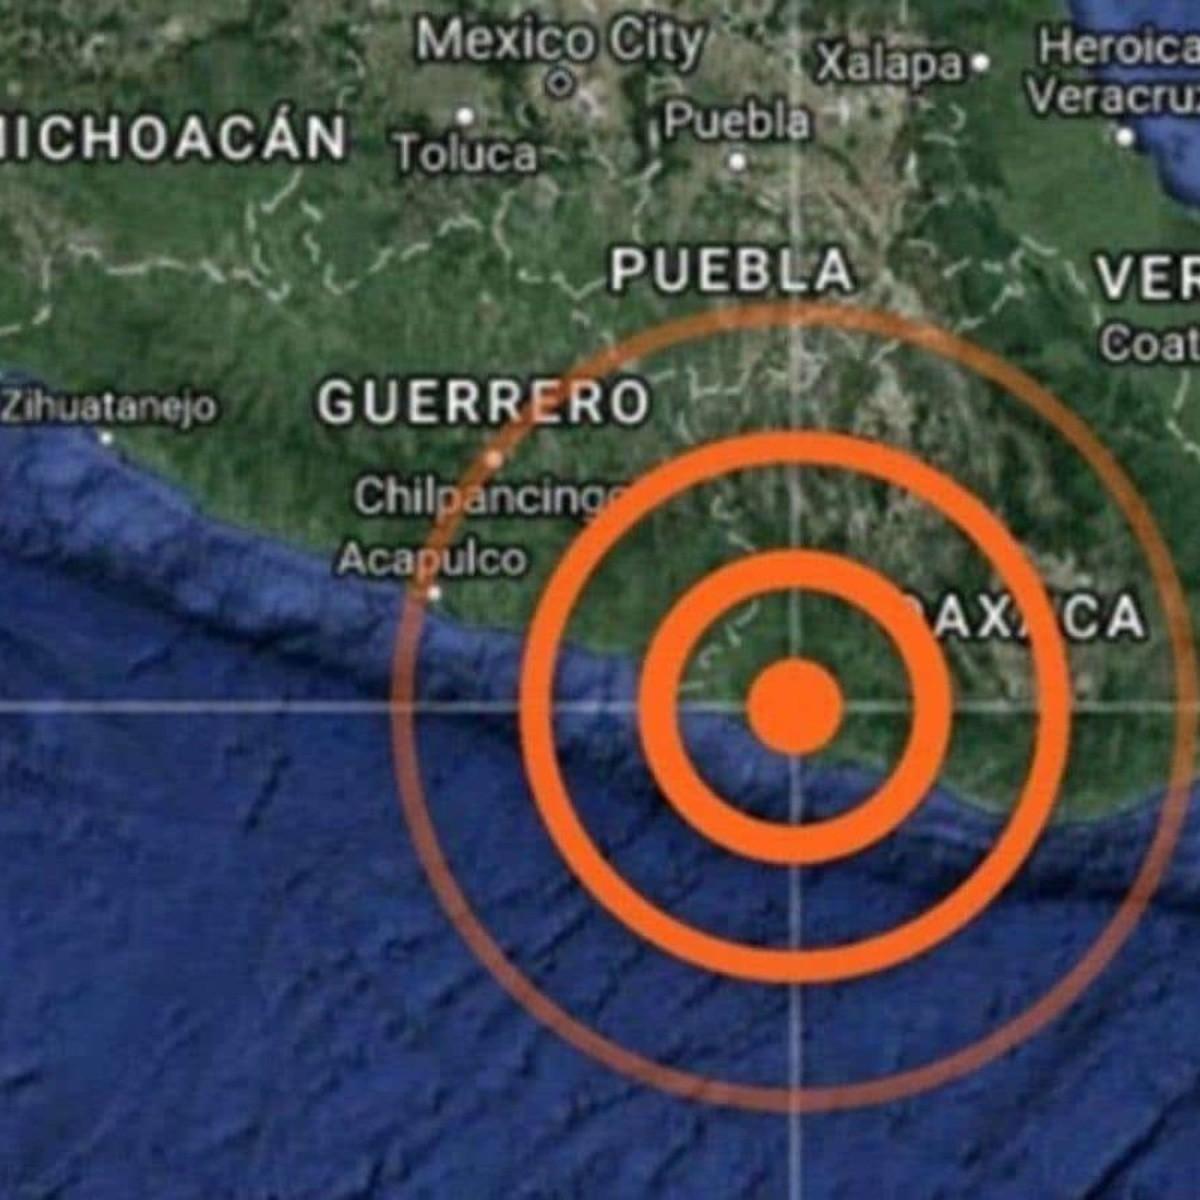 Reportan ligero sismo en la CDMX; no requirió de alerta sísmica